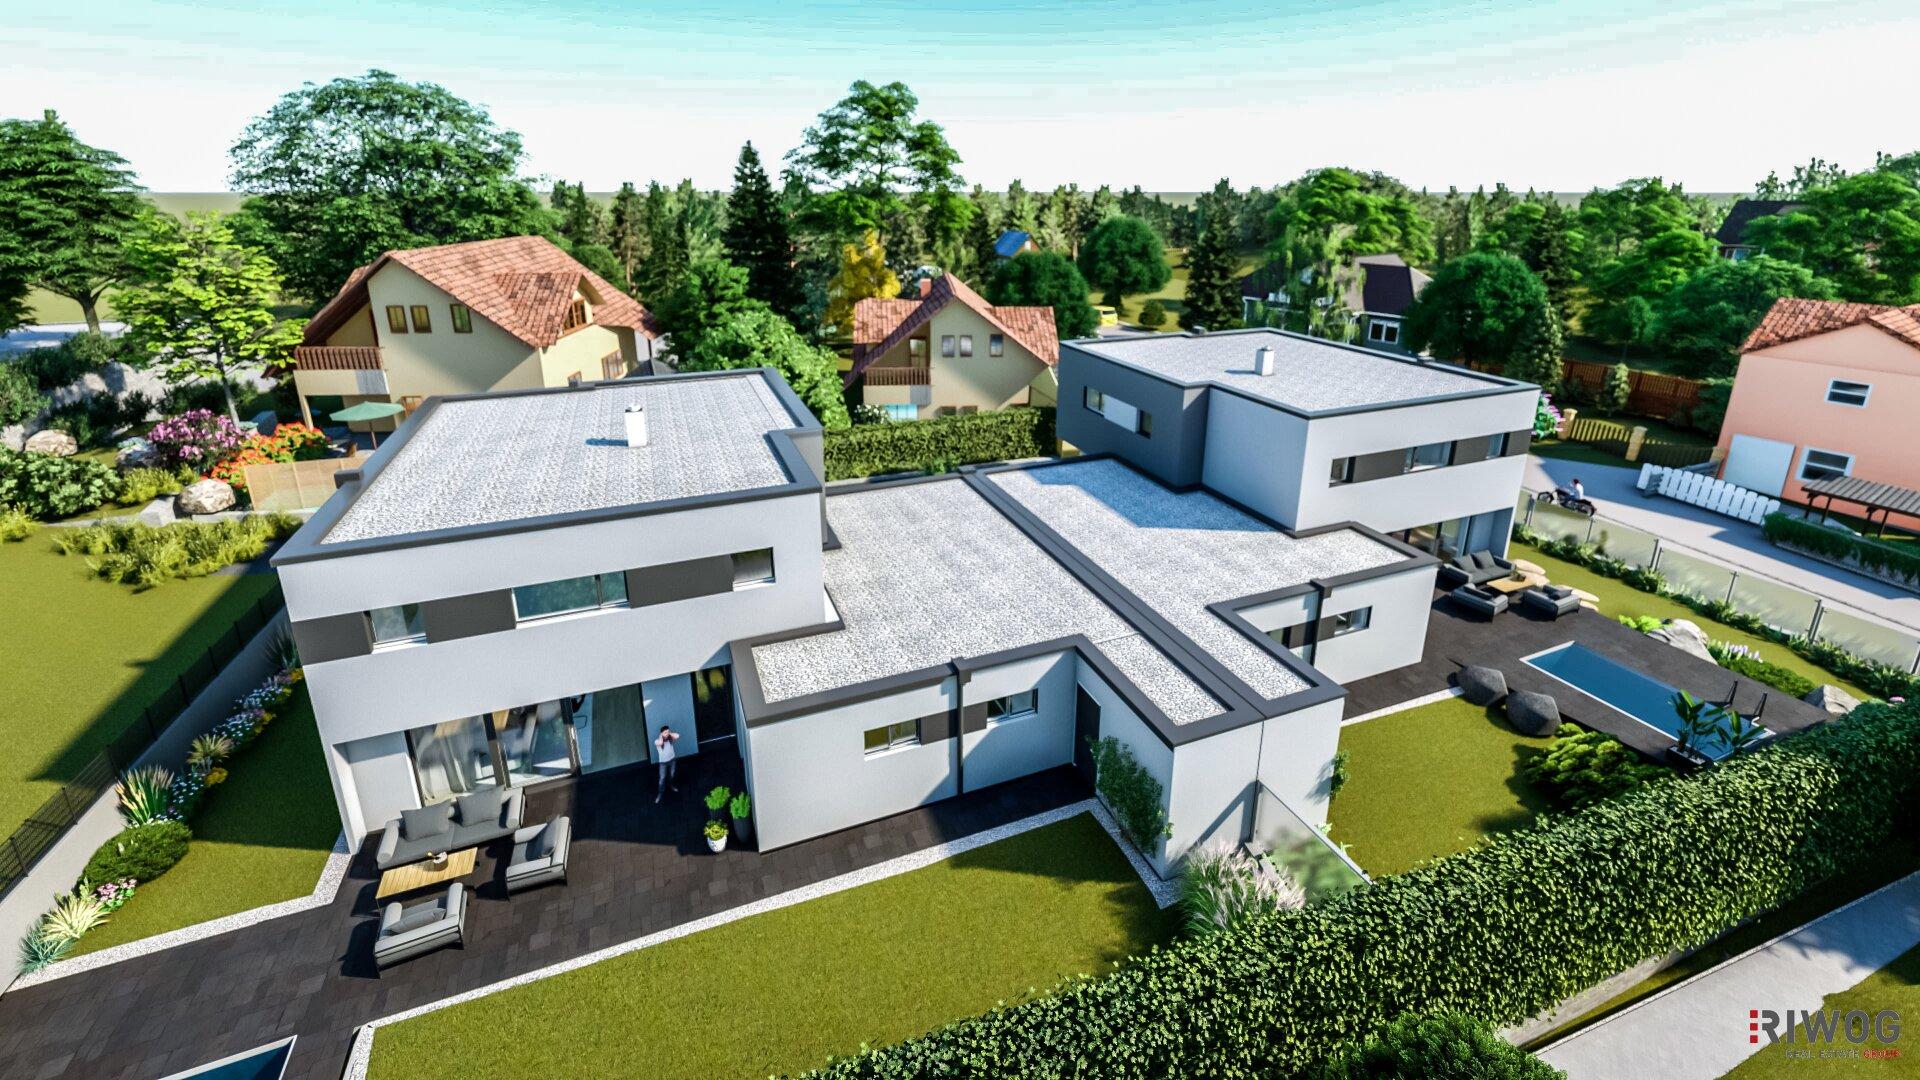 BR41 - Wohnen im voll ausgestatteten Luxus Einfamilienhaus (Projektansicht)